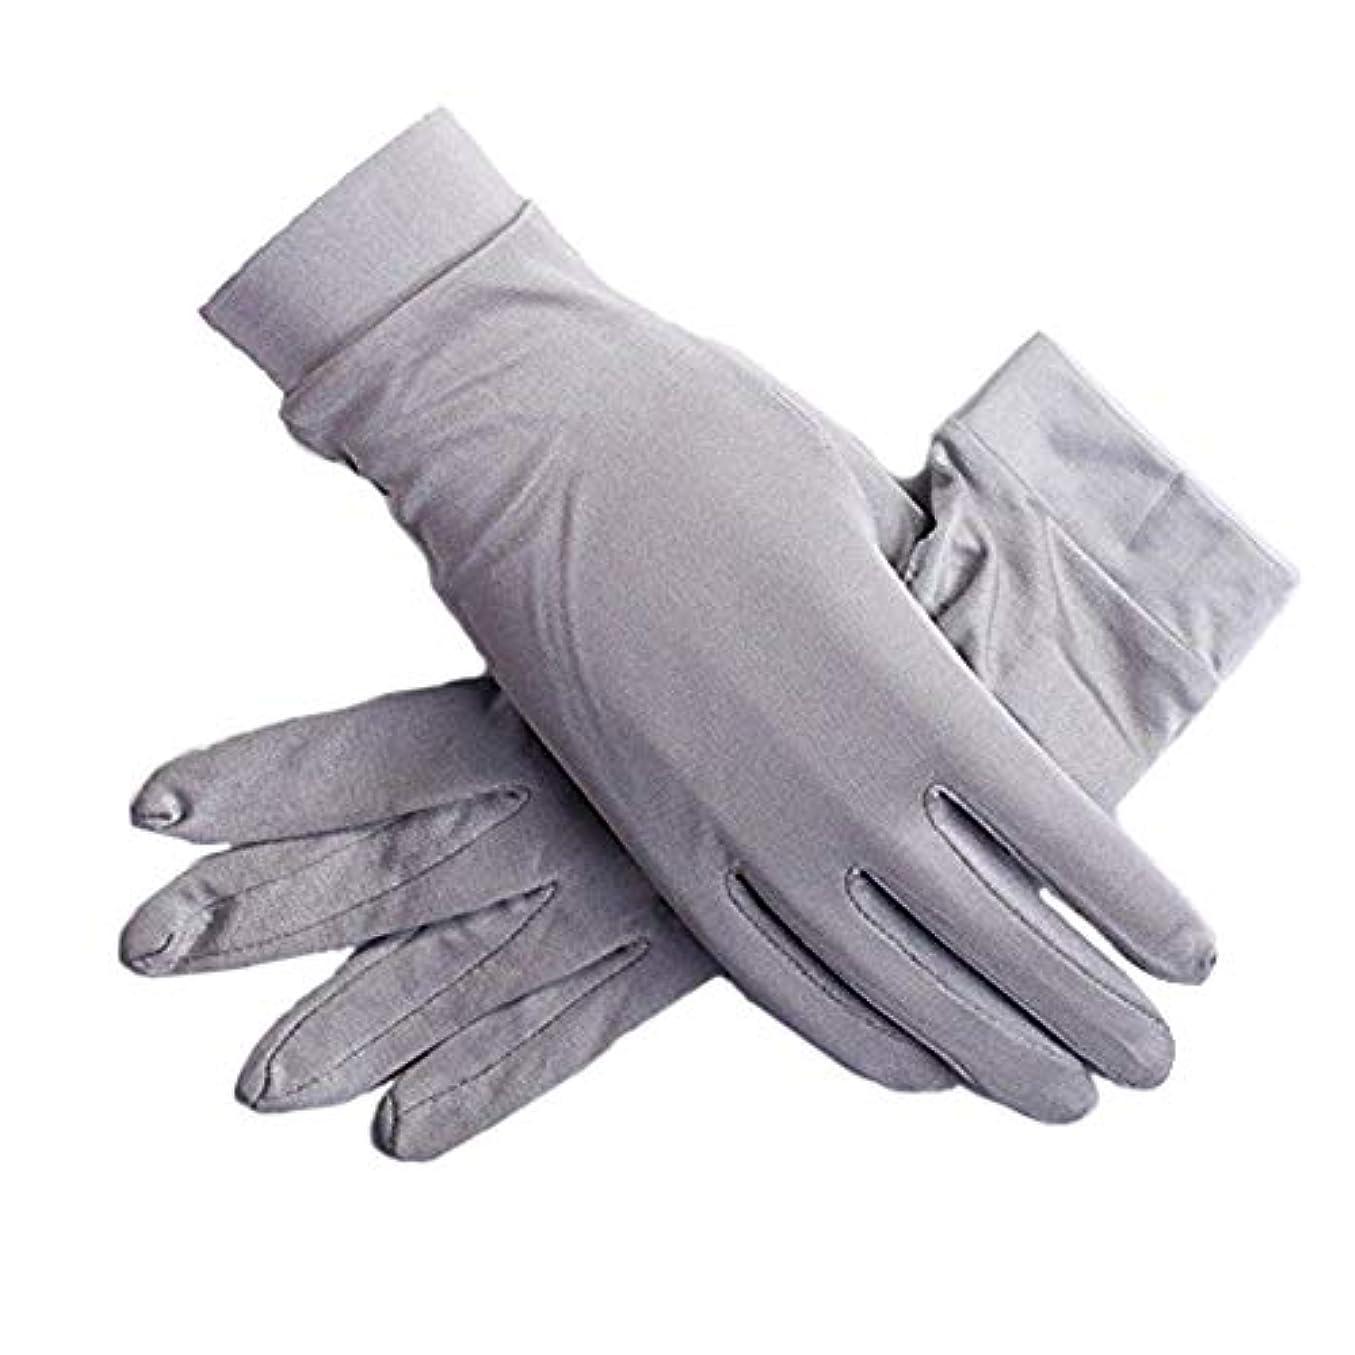 大胆な花火息切れシルク手袋 手袋 シルク uvカット おやすみ 手触りが良い 紫外線 日焼け防止 手荒い 保湿 夏 ハンド